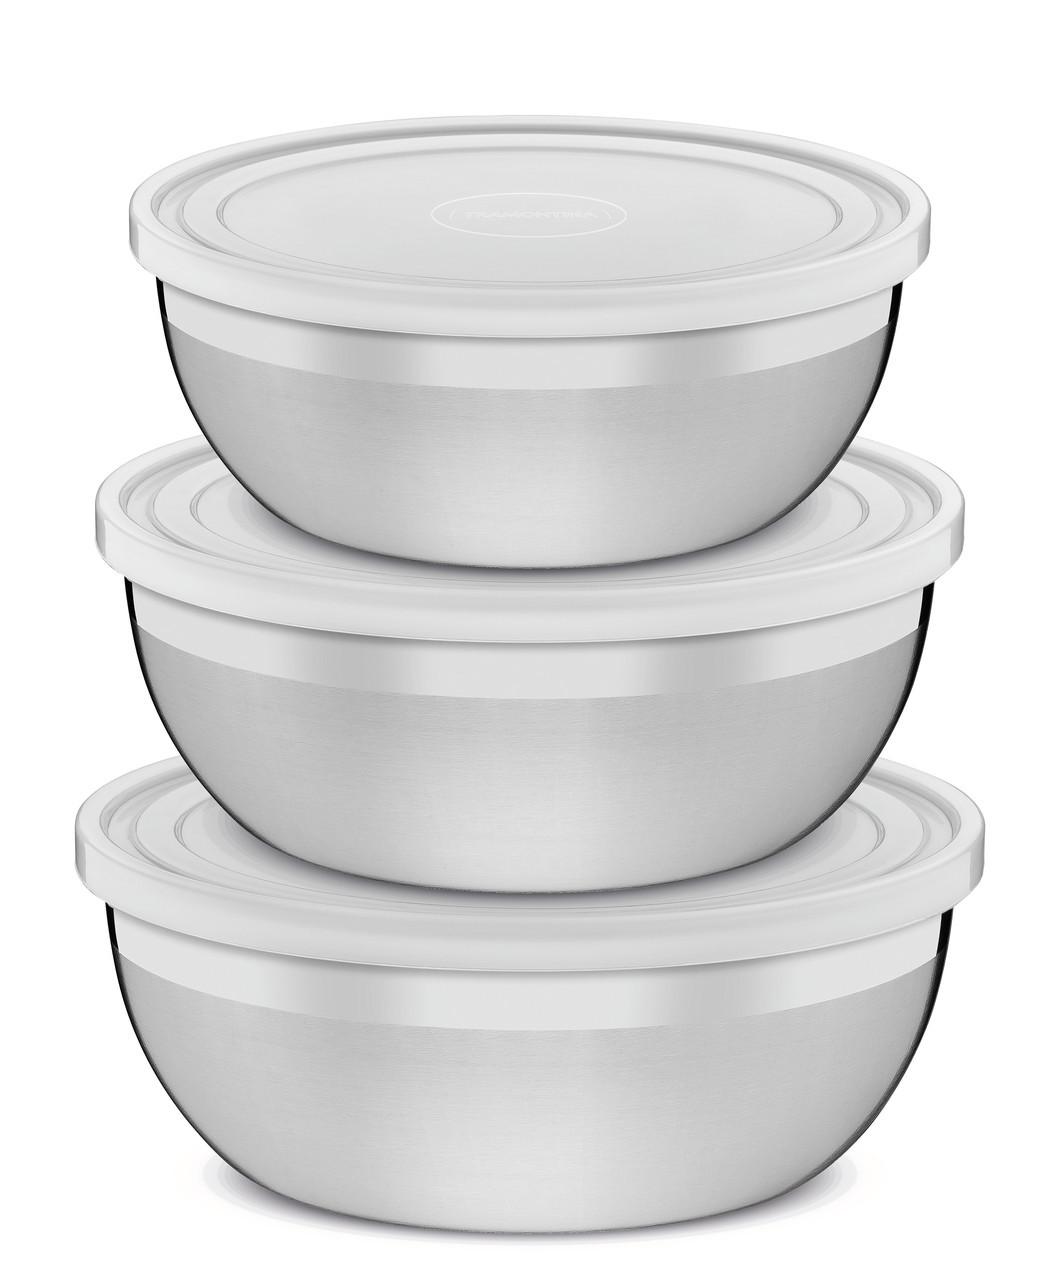 Набор емкости кухонные с крышкой стальные 3 предмета 64220/010 Freezinox Tramontina